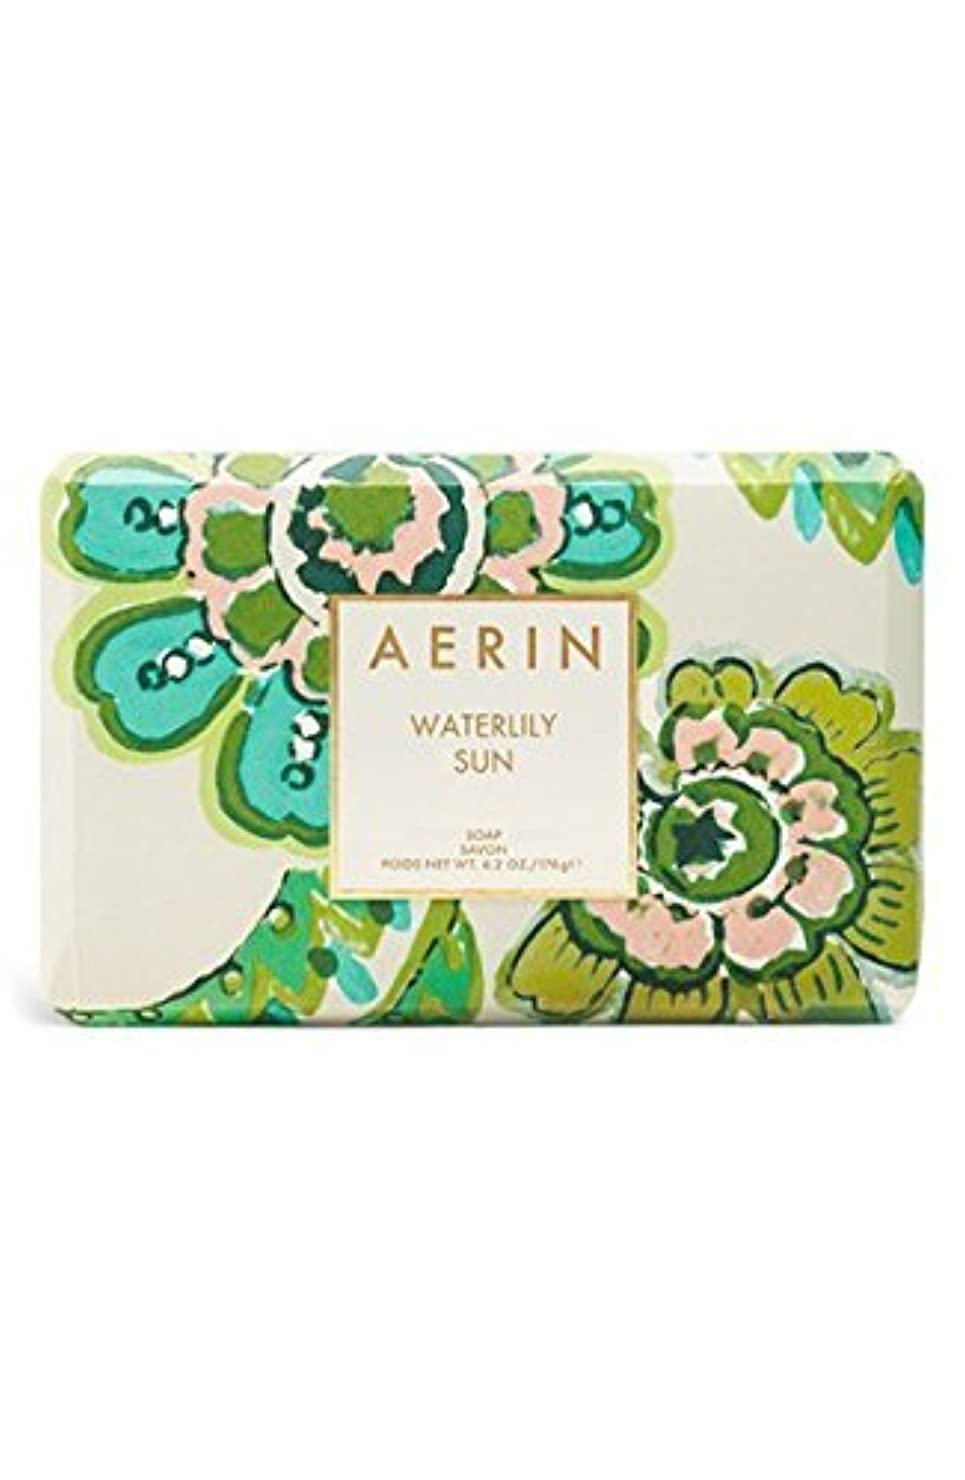 銀時間支出AERIN 'Waterlily Sun' (アエリン ウオーターリリー サン) 6.2 oz (50ml) Body Soap 固形石鹸 by Estee Lauder for Women